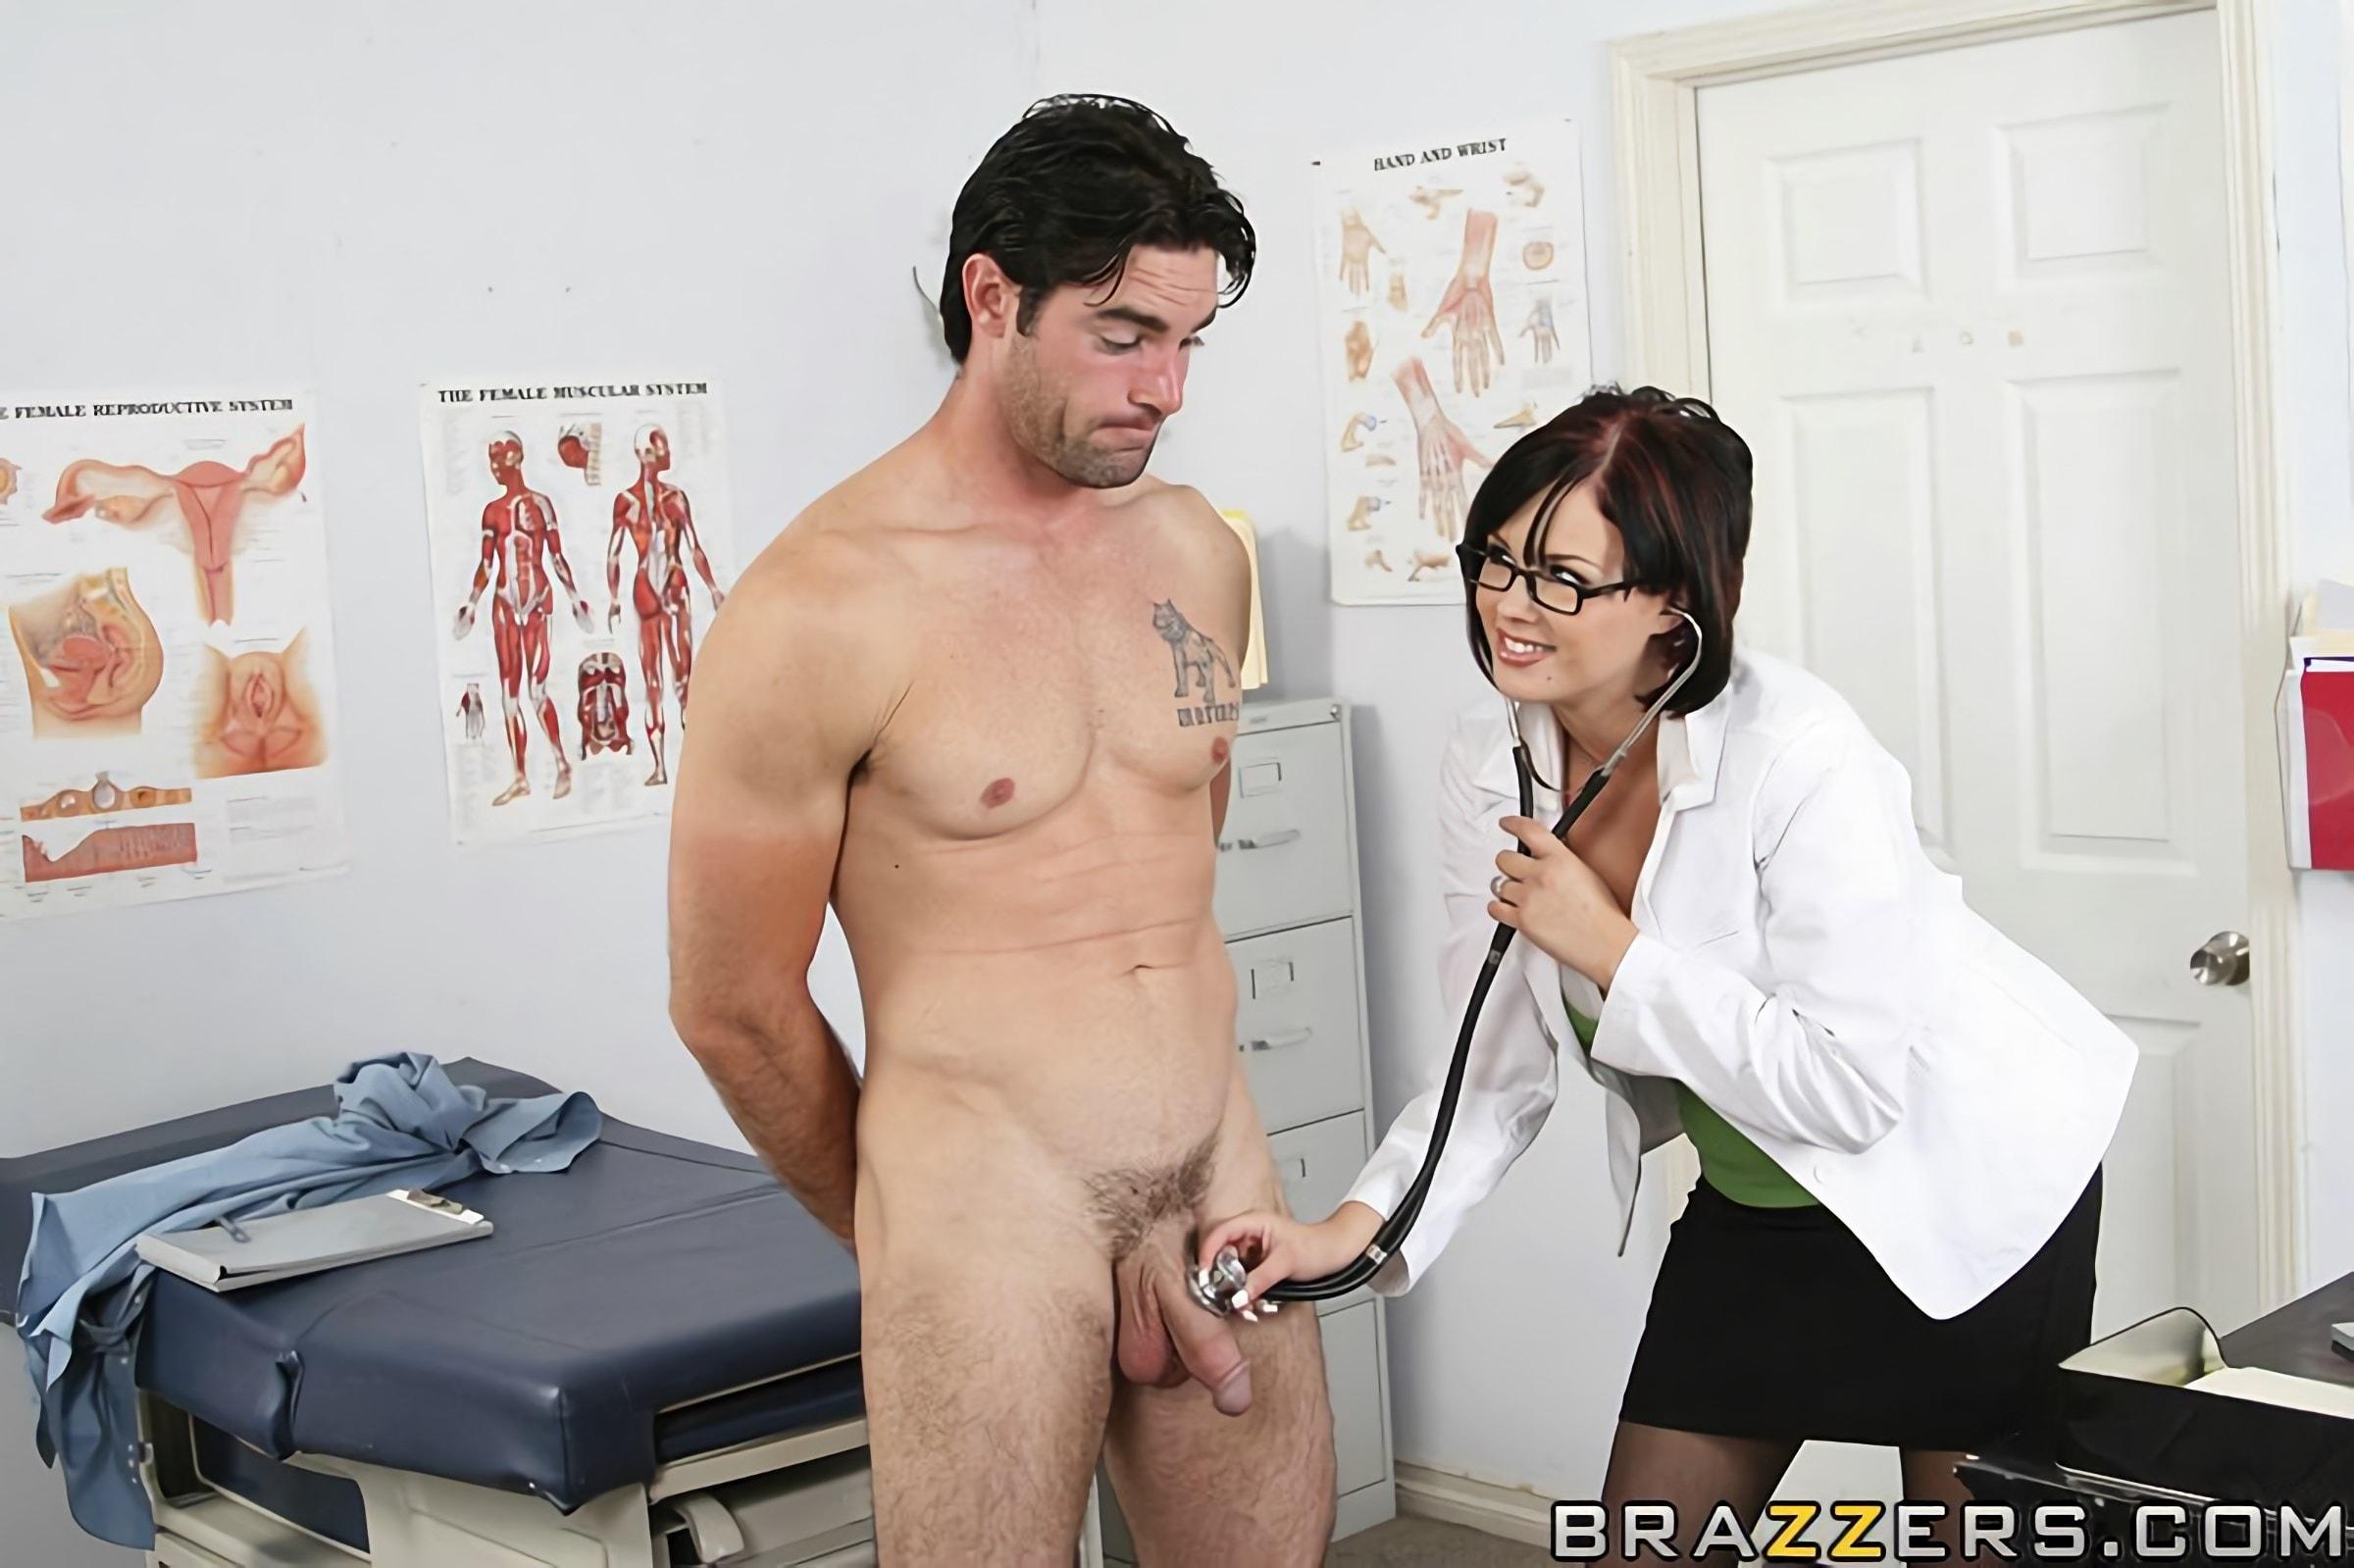 врачиха сказала подрочить парню член для осмотра постоянно сестра остаётся